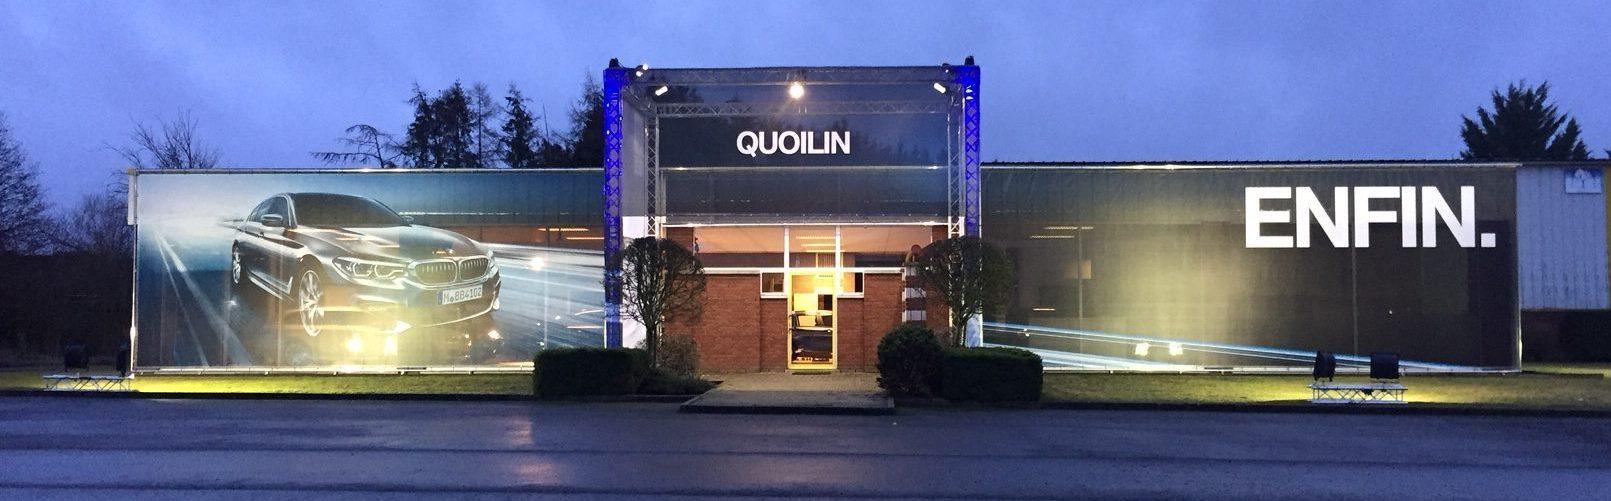 Aménagement d'un POP-UP Store pour le concessionnaire Quoilin